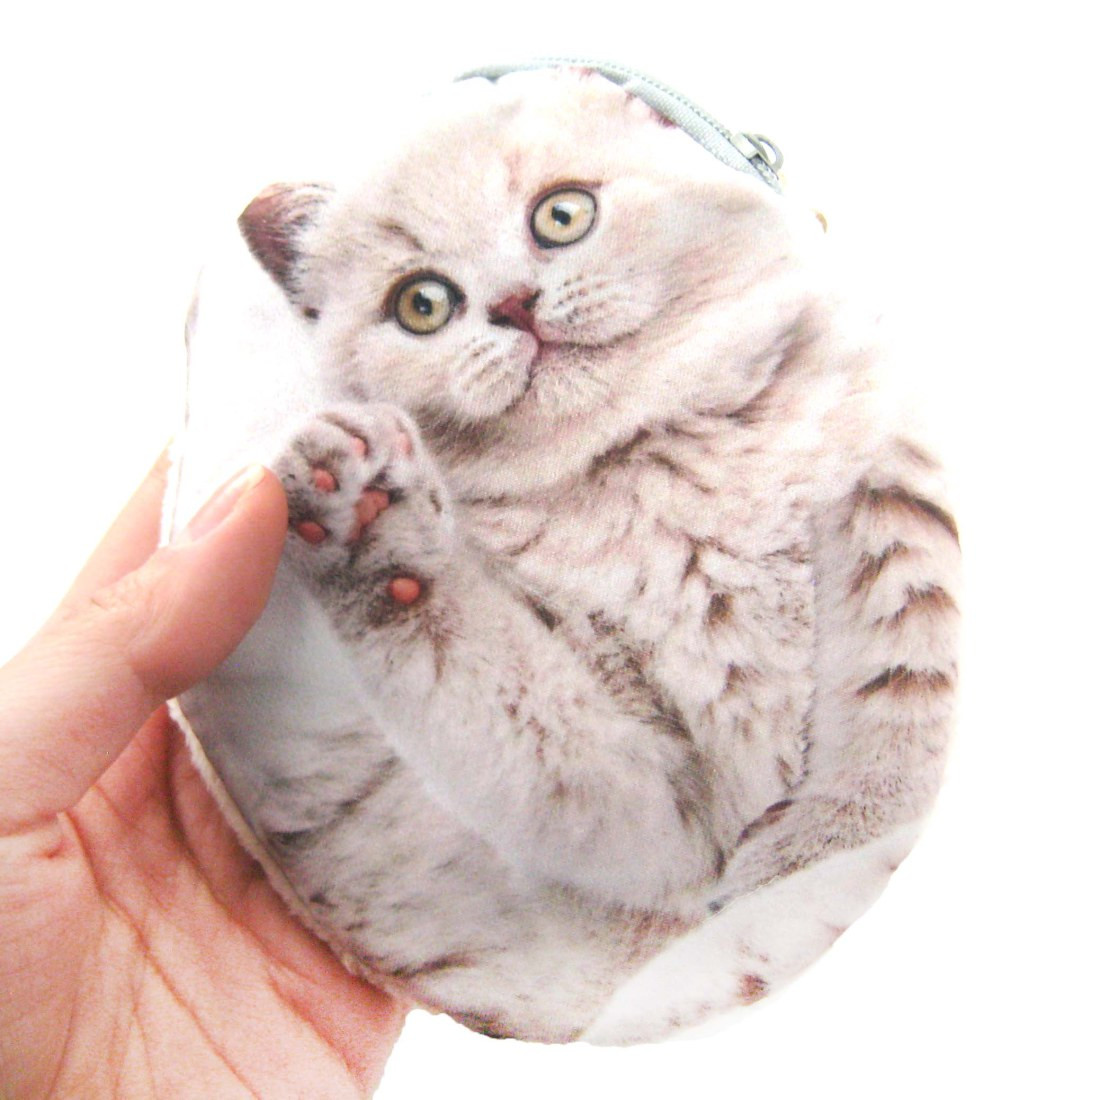 White Fluffy Kitty Cat Kitten Shaped Fabric Zipper Coin Purse Make Up Bag 7f777d105a54a